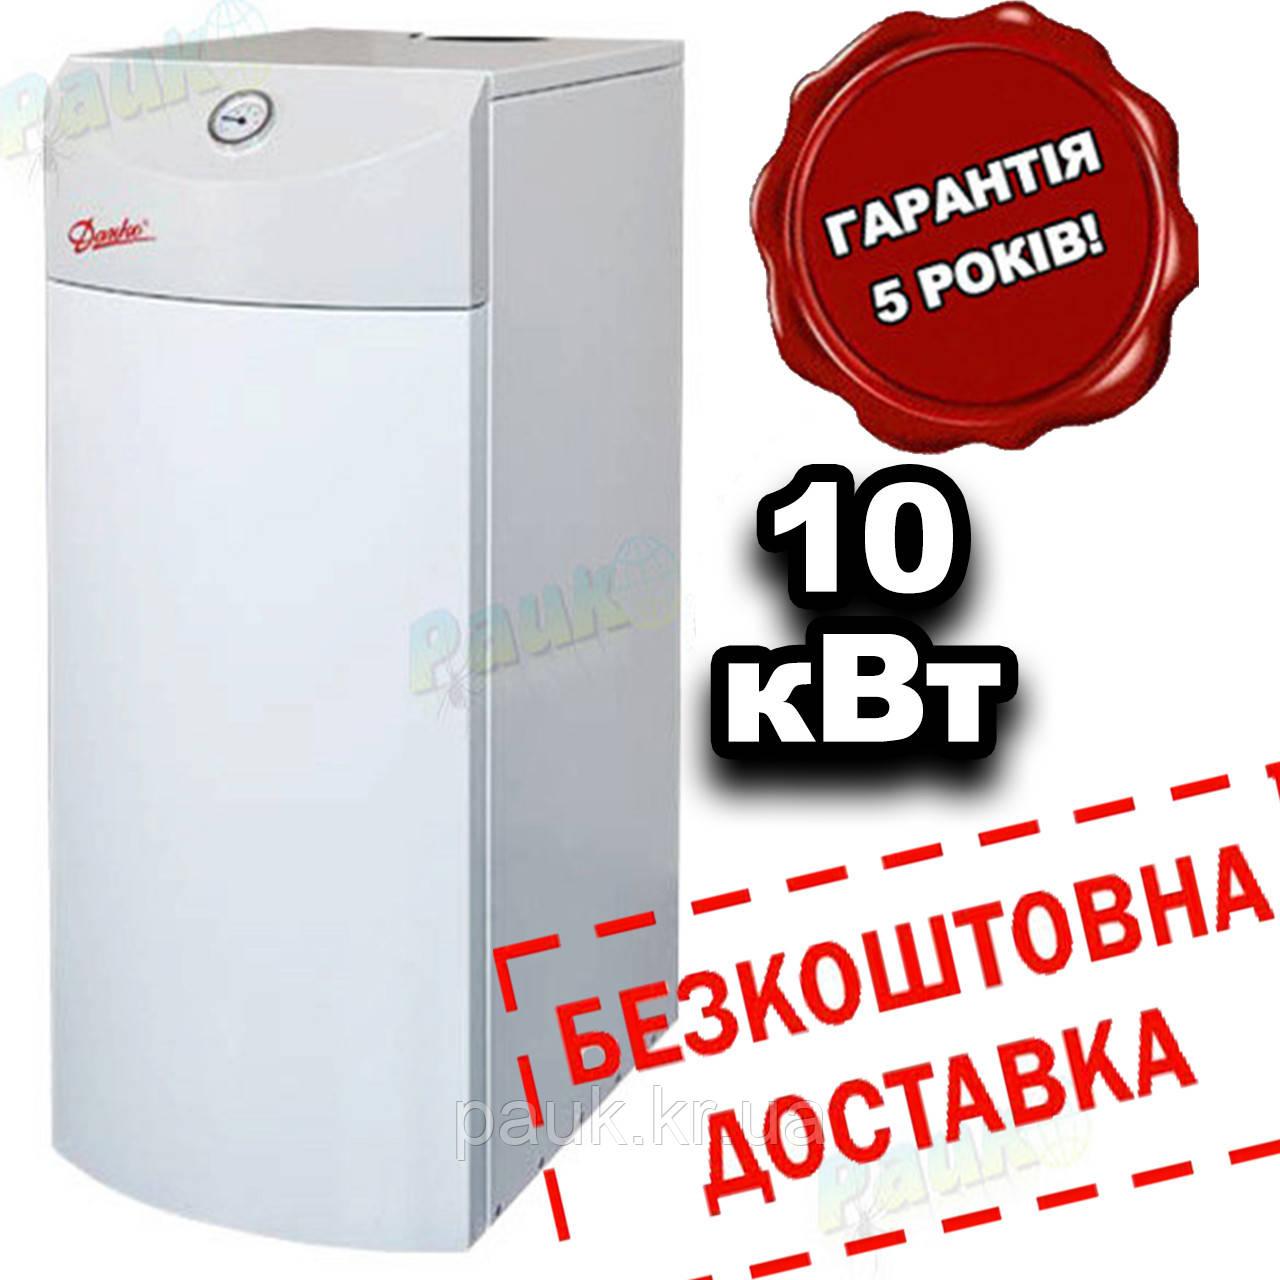 Котел газовий 10В кВТ(авт. КАРЕ) Данко двоконтурний